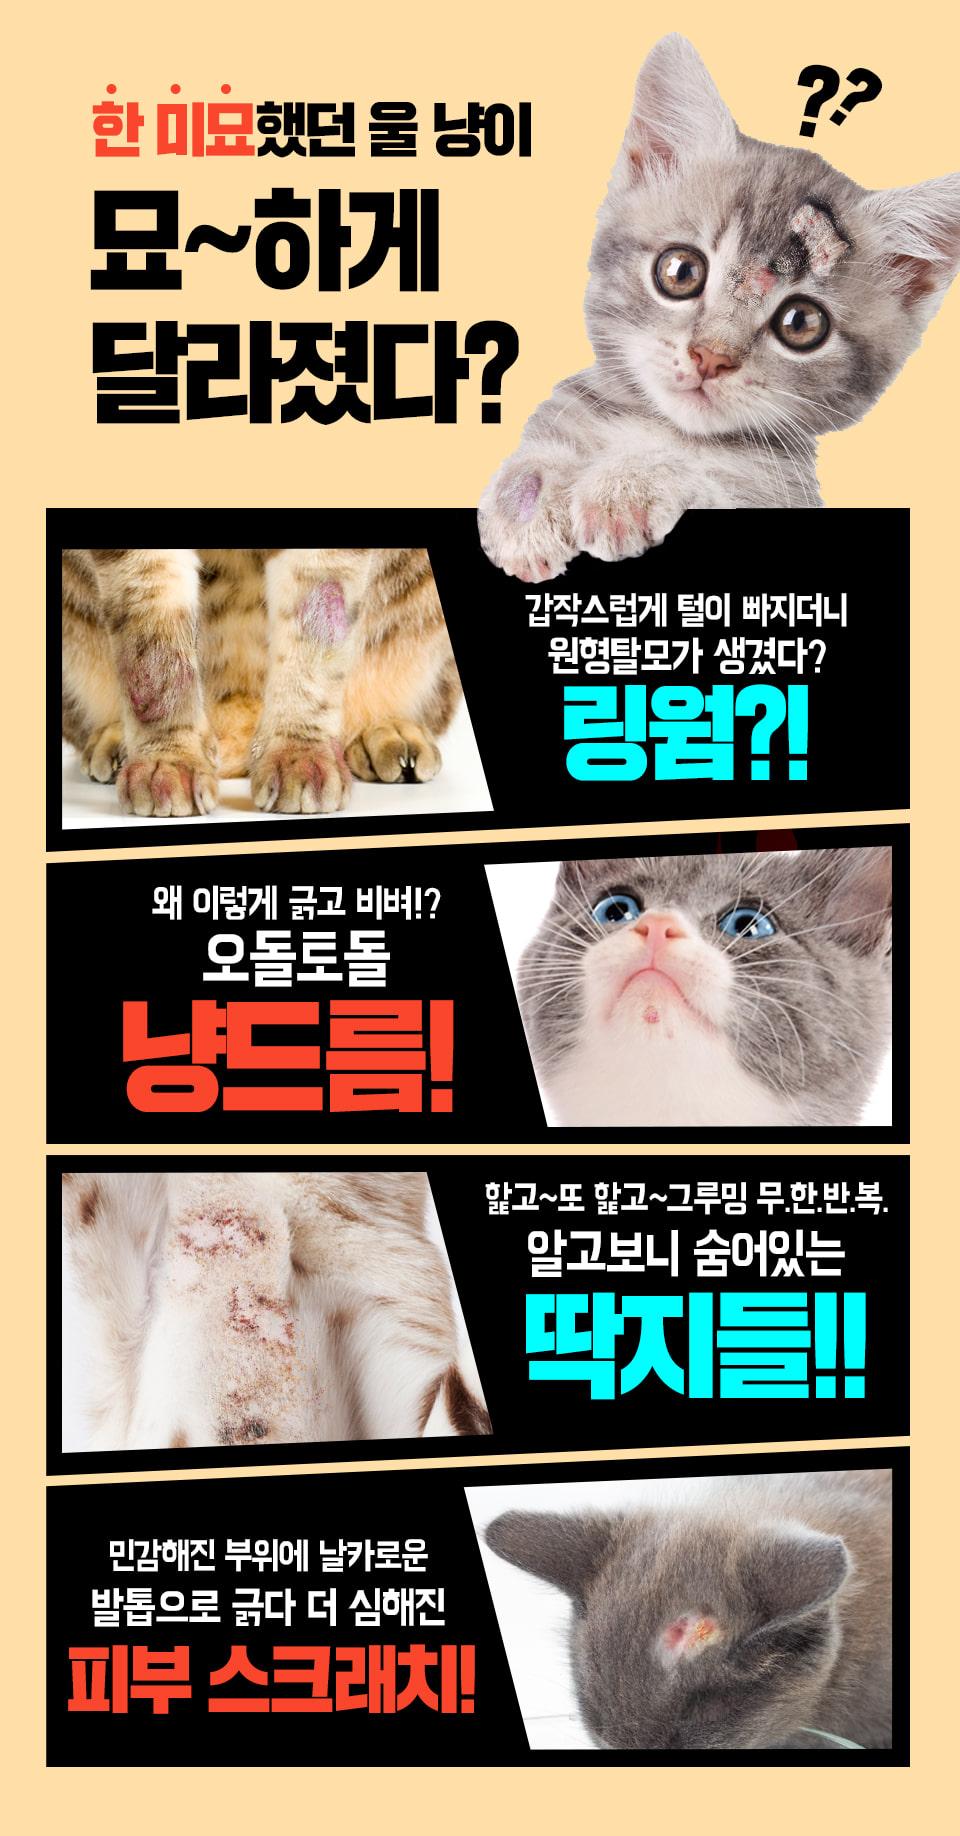 냥스팟 고양이전용 긴급진정템14,900원-울지마마이펫펫샵, 고양이용품, 화장실/위생용품, 탈취/소독바보사랑냥스팟 고양이전용 긴급진정템14,900원-울지마마이펫펫샵, 고양이용품, 화장실/위생용품, 탈취/소독바보사랑